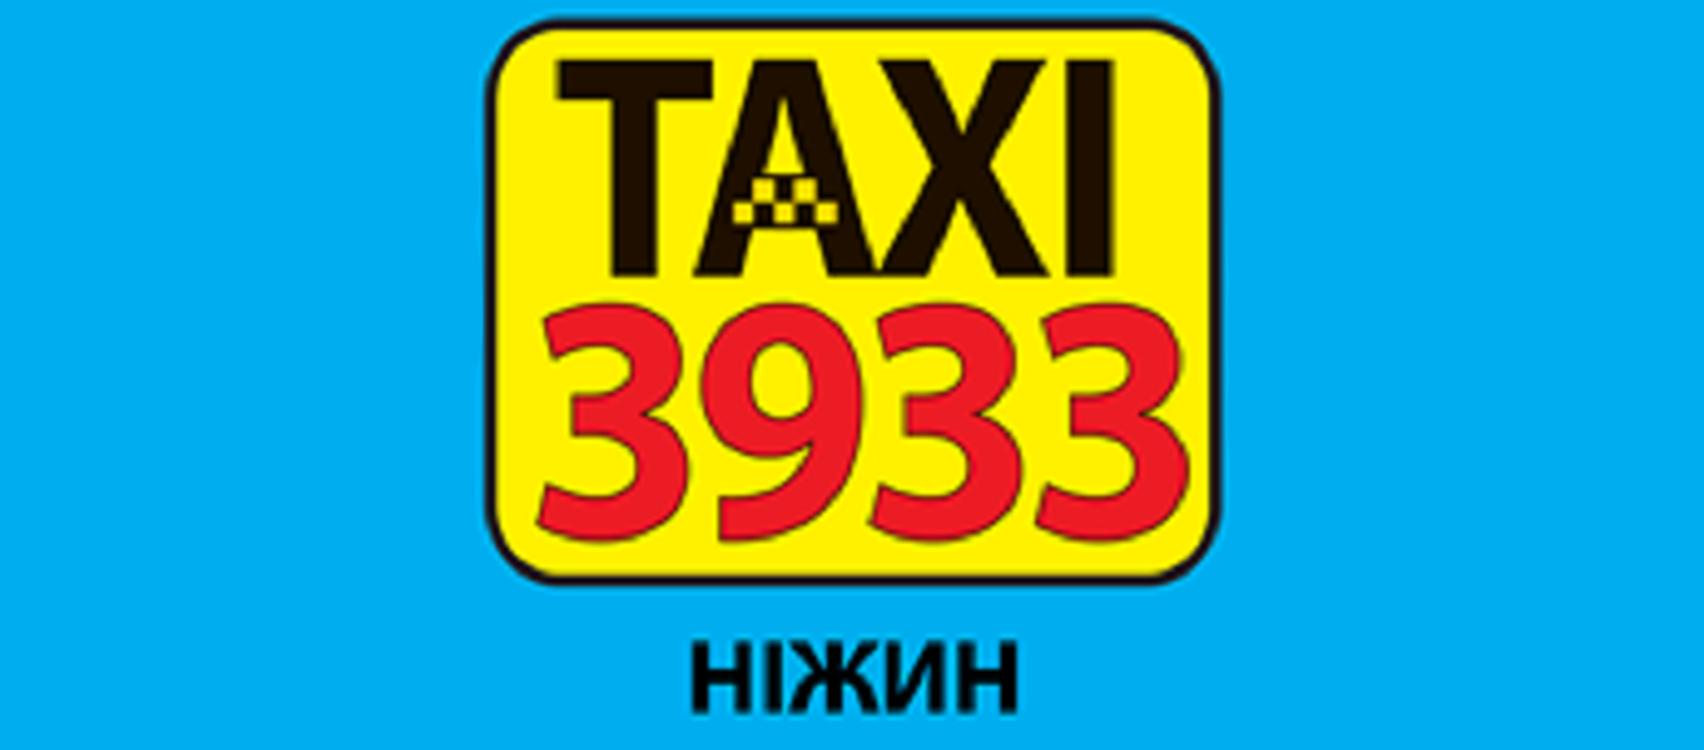 Такси 3933  (Нежин)